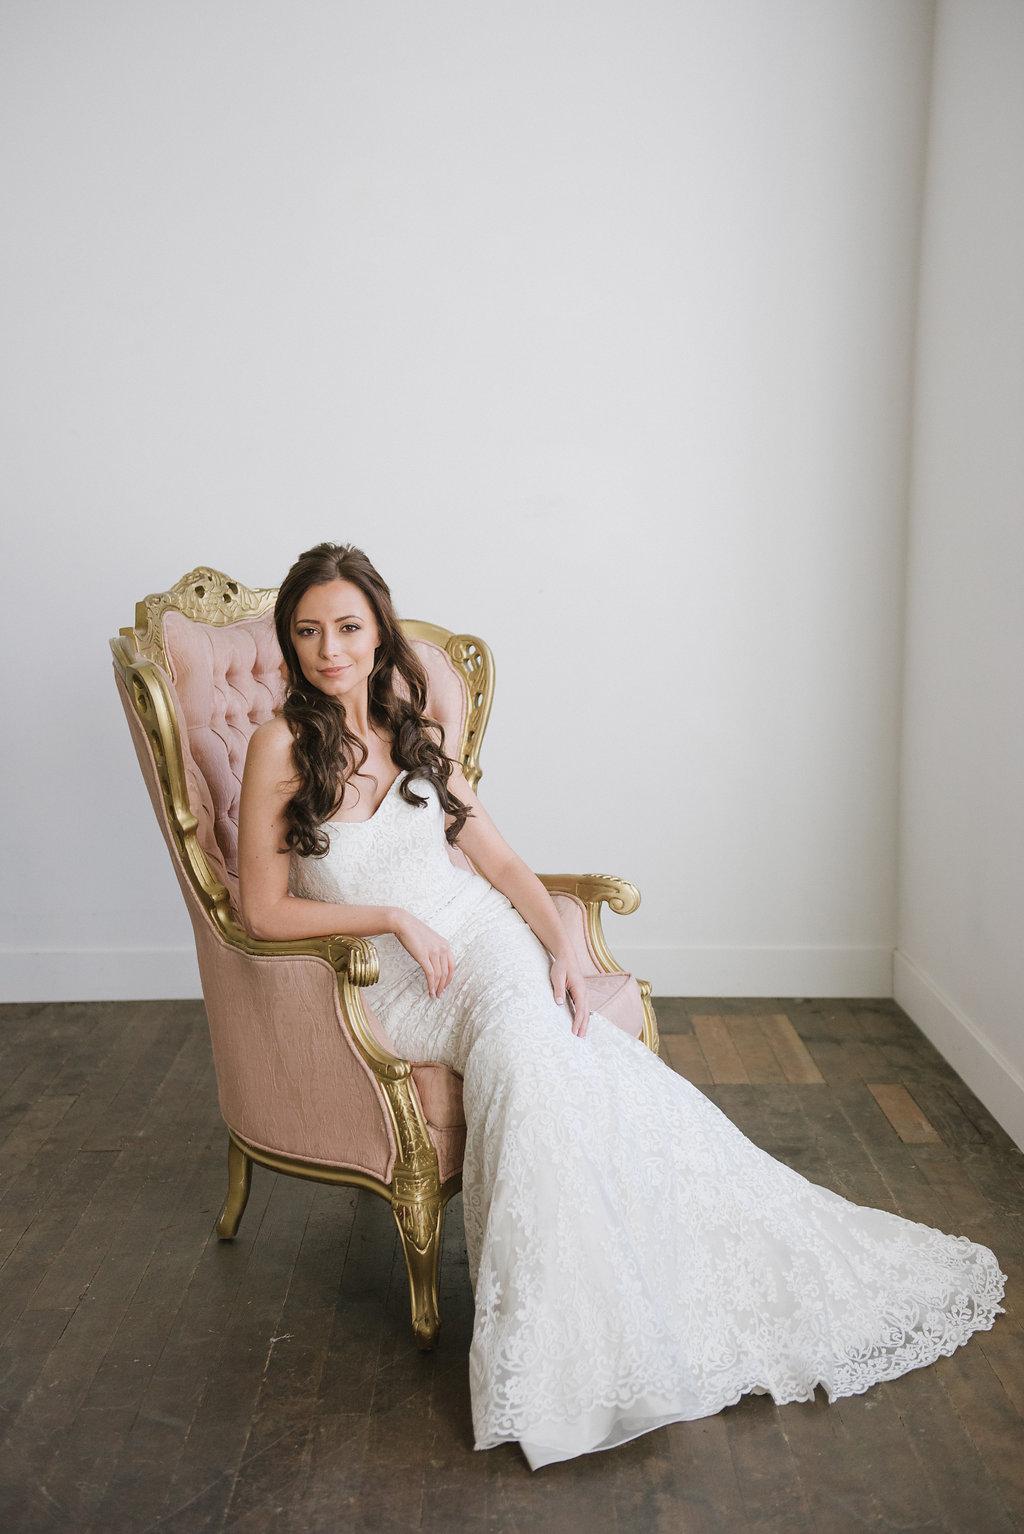 Utah Bride Blog Styled Shoot